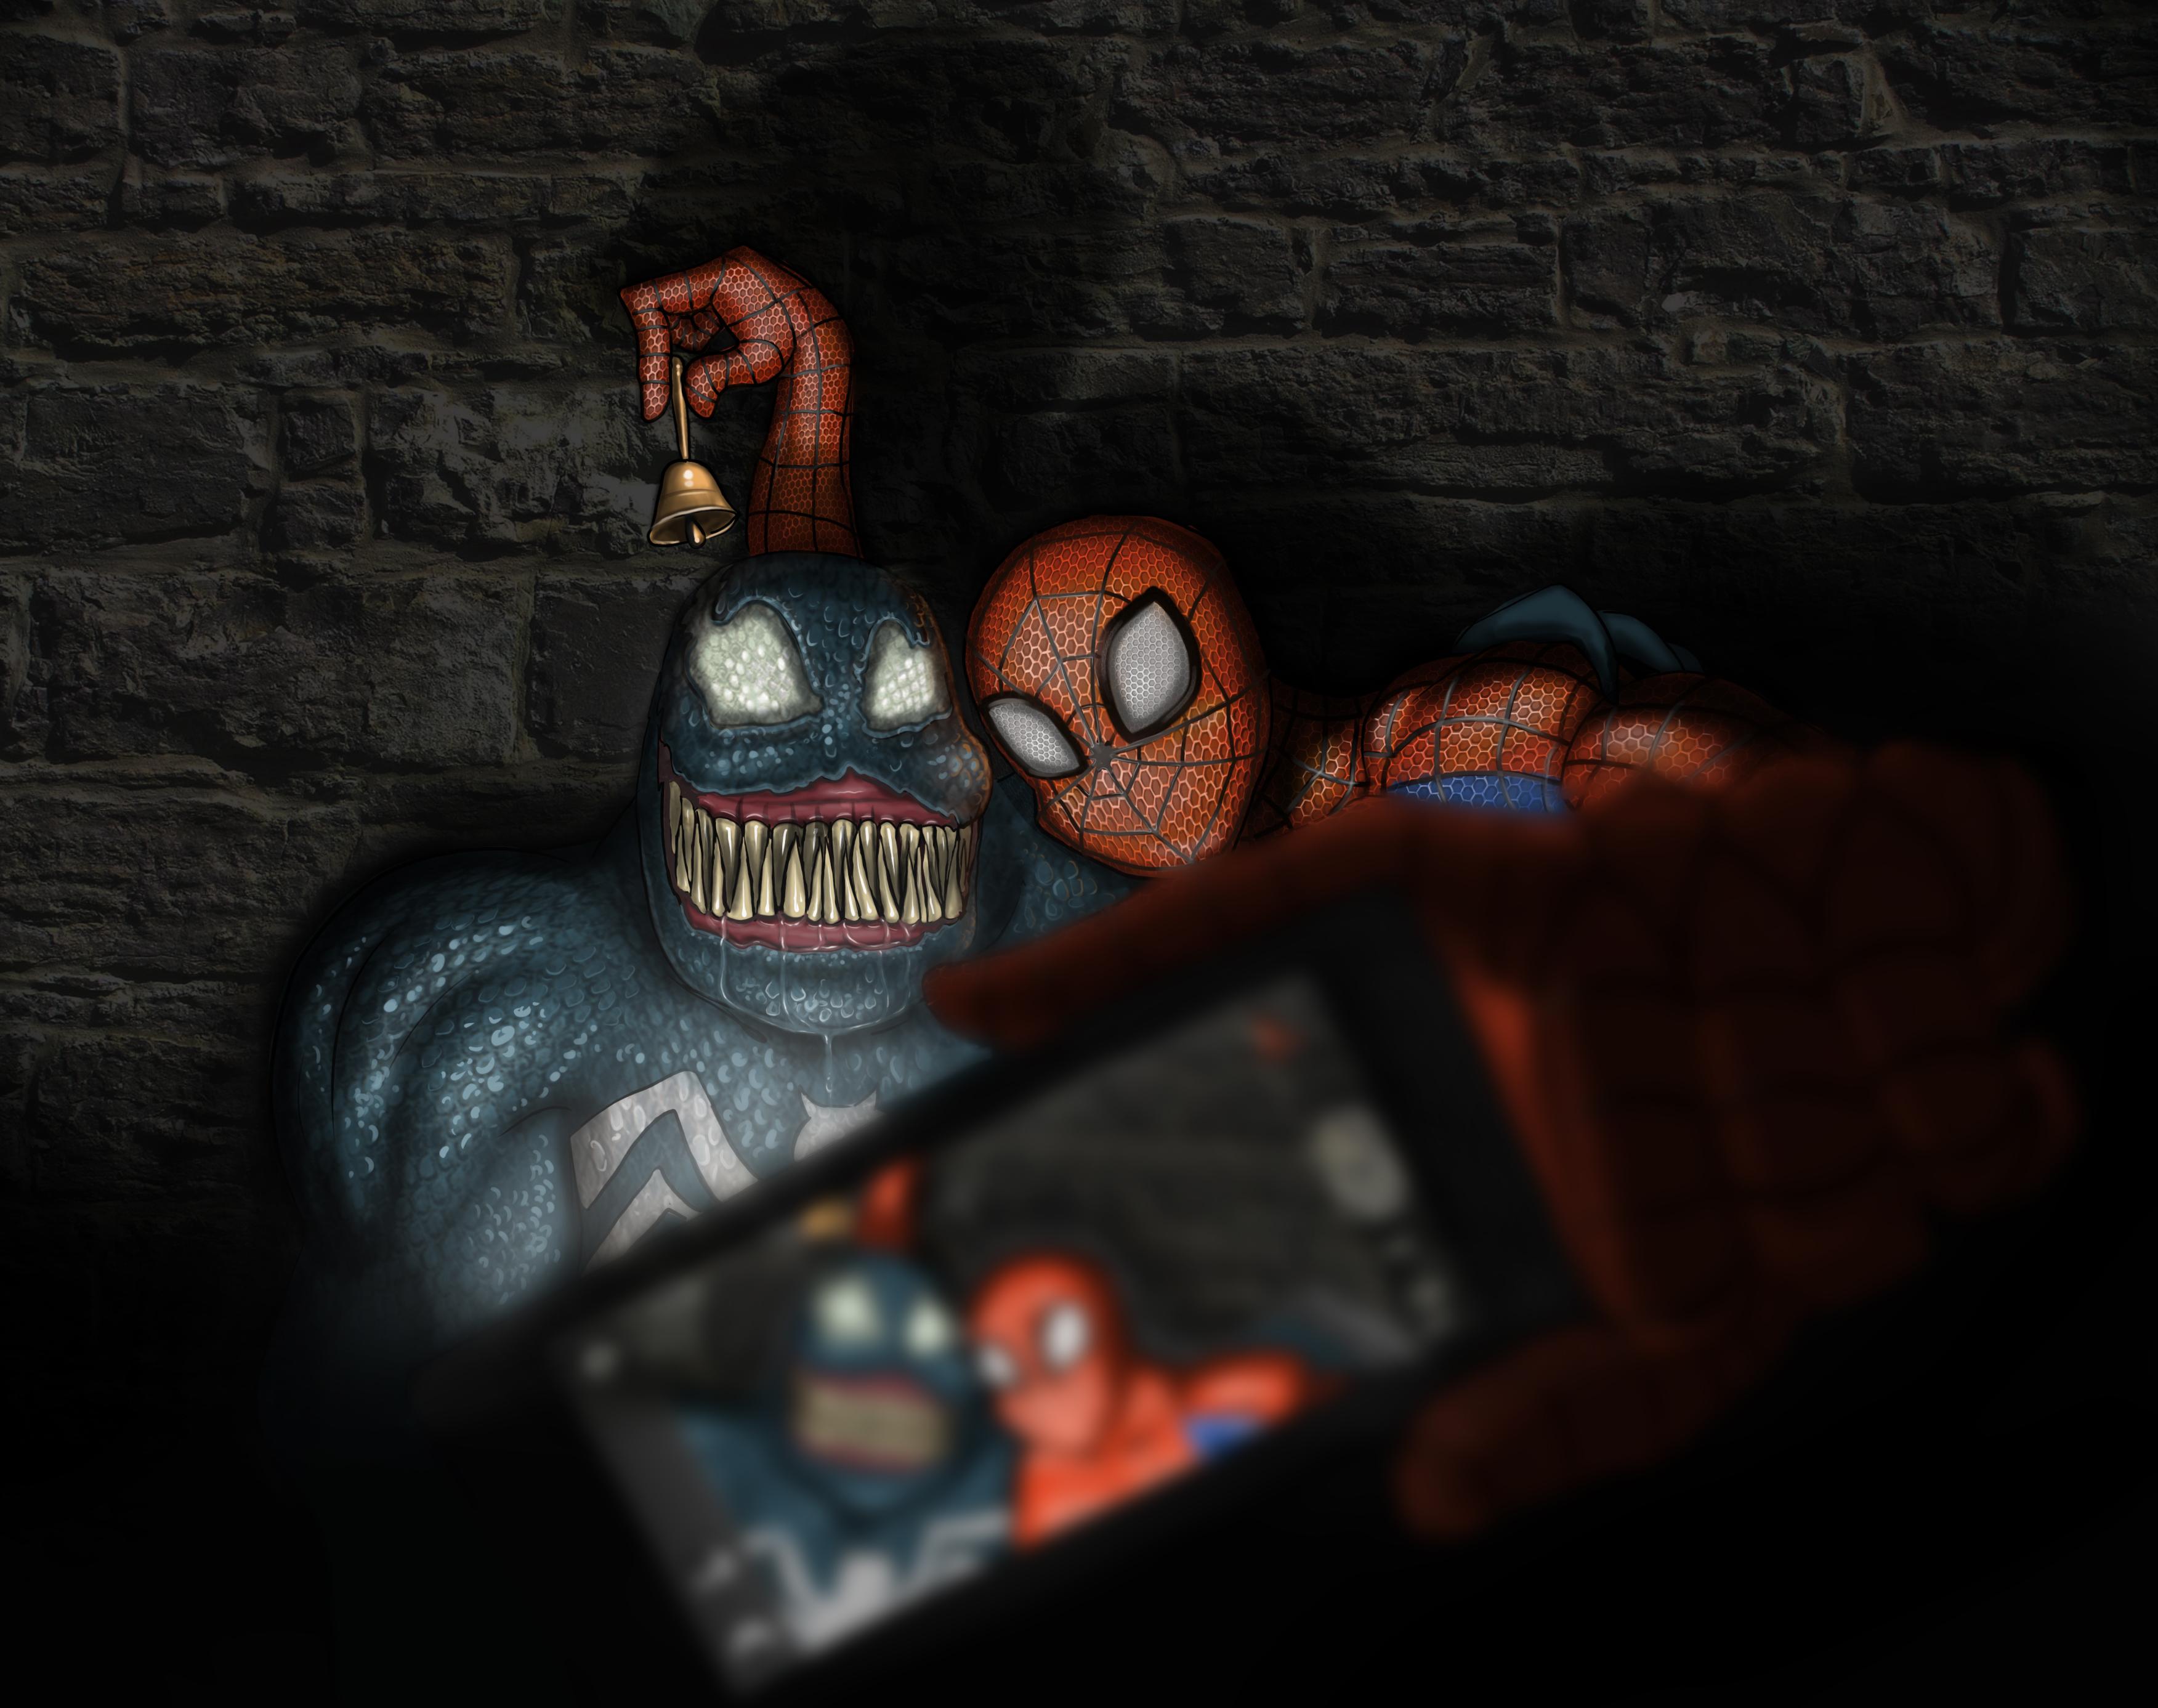 spiderman's group selfie